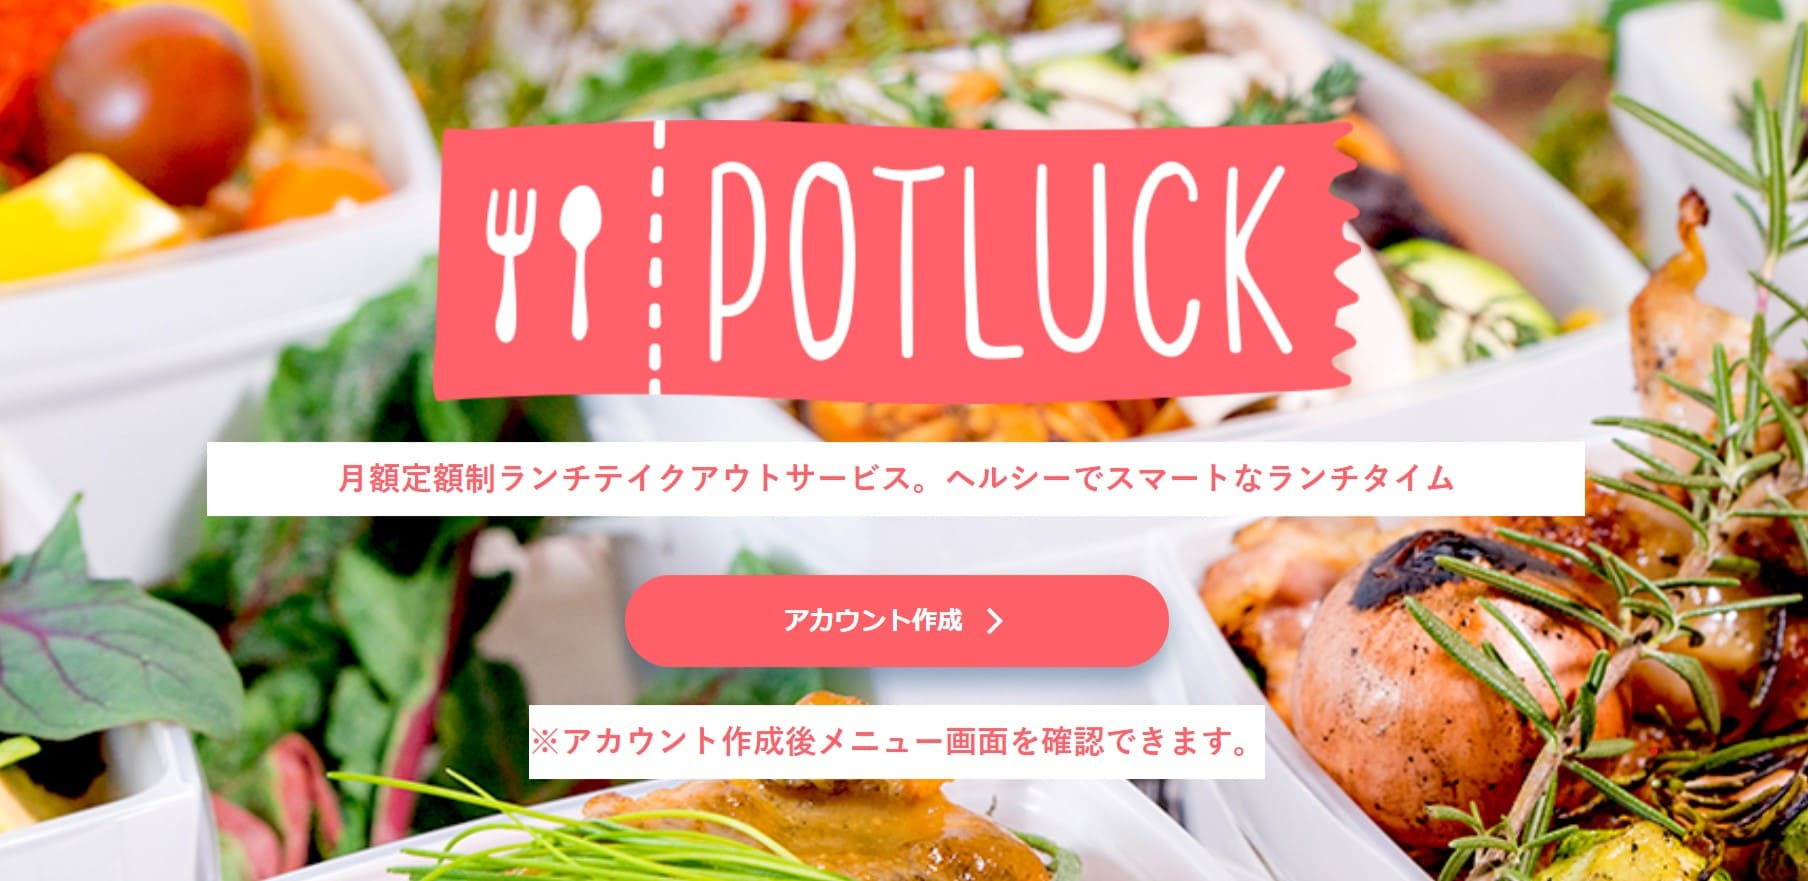 ランチのサブスク『POTLUCK』が昼食・夕食の新プラン導入、お試しプランでユーザー拡大目指す